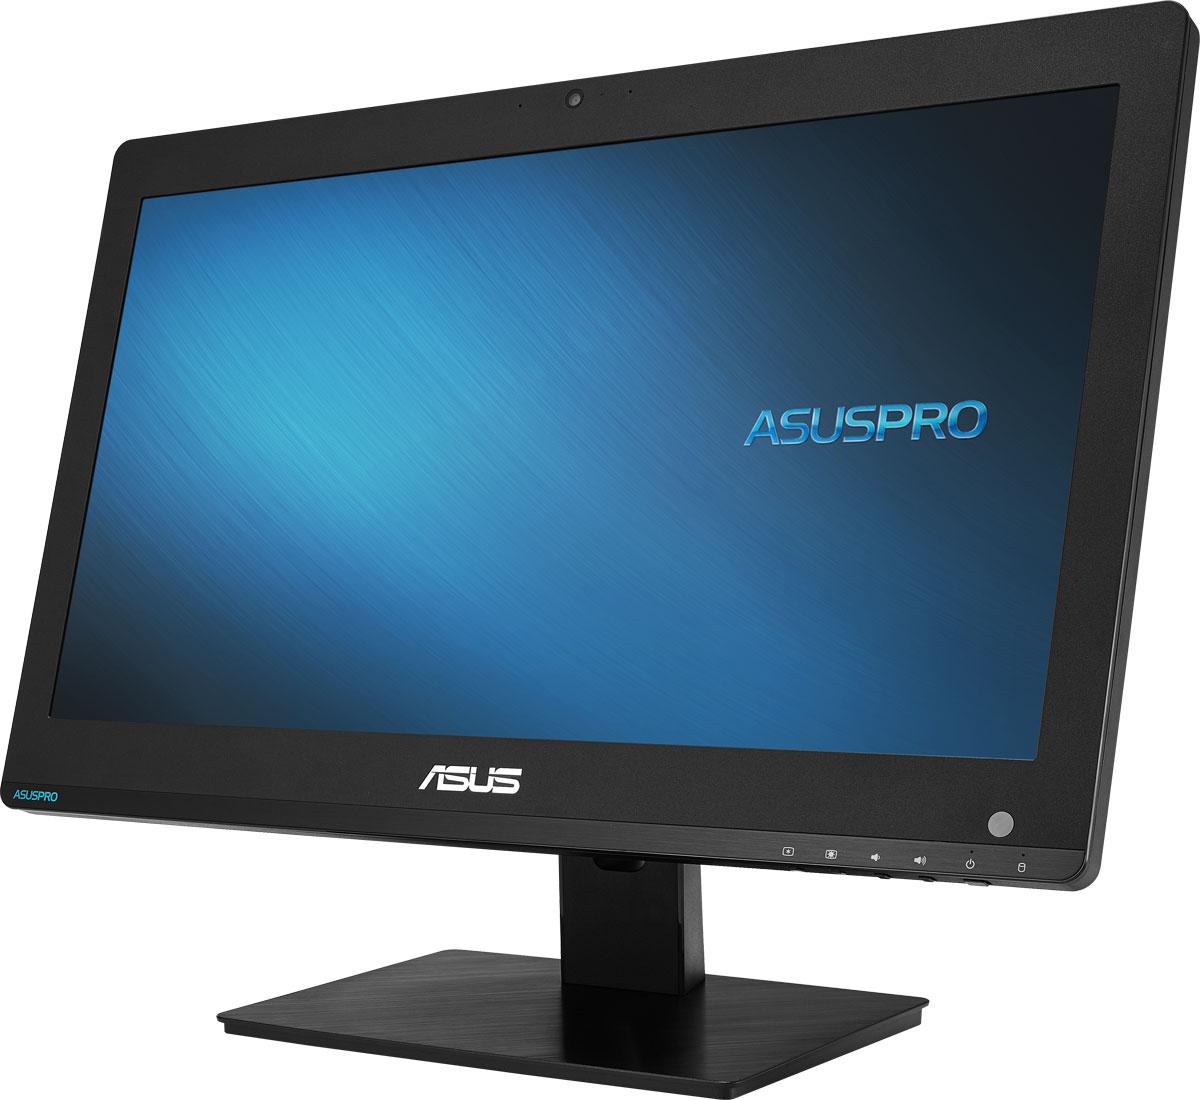 ASUS PRO A4321UTH-BE014D, Black моноблокA4321UTH-BE014DМоноблочный компьютер ASUS PRO A4321 оснащается 19,5-дюймовым дисплеем и выполнен в тонком корпусе черного цвета, дизайн которого удачно впишется в интерьер современного офиса. Высокая производительность сочетается в нем с гибкими средствами информационной безопасности. Для удобного администрирования системы предлагается программное обеспечение ASUS Business Manager.В аппаратную конфигурацию данного компьютера входит процессор Intel Celeron G3900, 4 ГБ оперативной памяти DDR4 и встроенная видеокарта. Современные компоненты обеспечивают хорошую скорость работы различных приложений и высокую энергоэффективность.ASUS A4321 оснащается 19,5-дюймовым дисплеем с мультисенсорным интерфейсом, которому можно найти массу применений, от POS-аппаратов до образовательных систем.Коммерческие компьютеры ASUS PRO наделены множеством интерфейсов, и модель A4321 не является исключением. Она предлагает порты COM и USB 3.1, видеовыходы HDMI и VGA, а также слоты для карт памяти и смарт-карт.Для удобства технического обслуживания задняя панель компьютера снимается без использования инструментов. Таким образом, можно легко провести замену оперативной памяти или жесткого диска.Точные характеристики зависят от модификации.Моноблок сертифицирован EAC и имеет русифицированную клавиатуру и Руководство пользователя